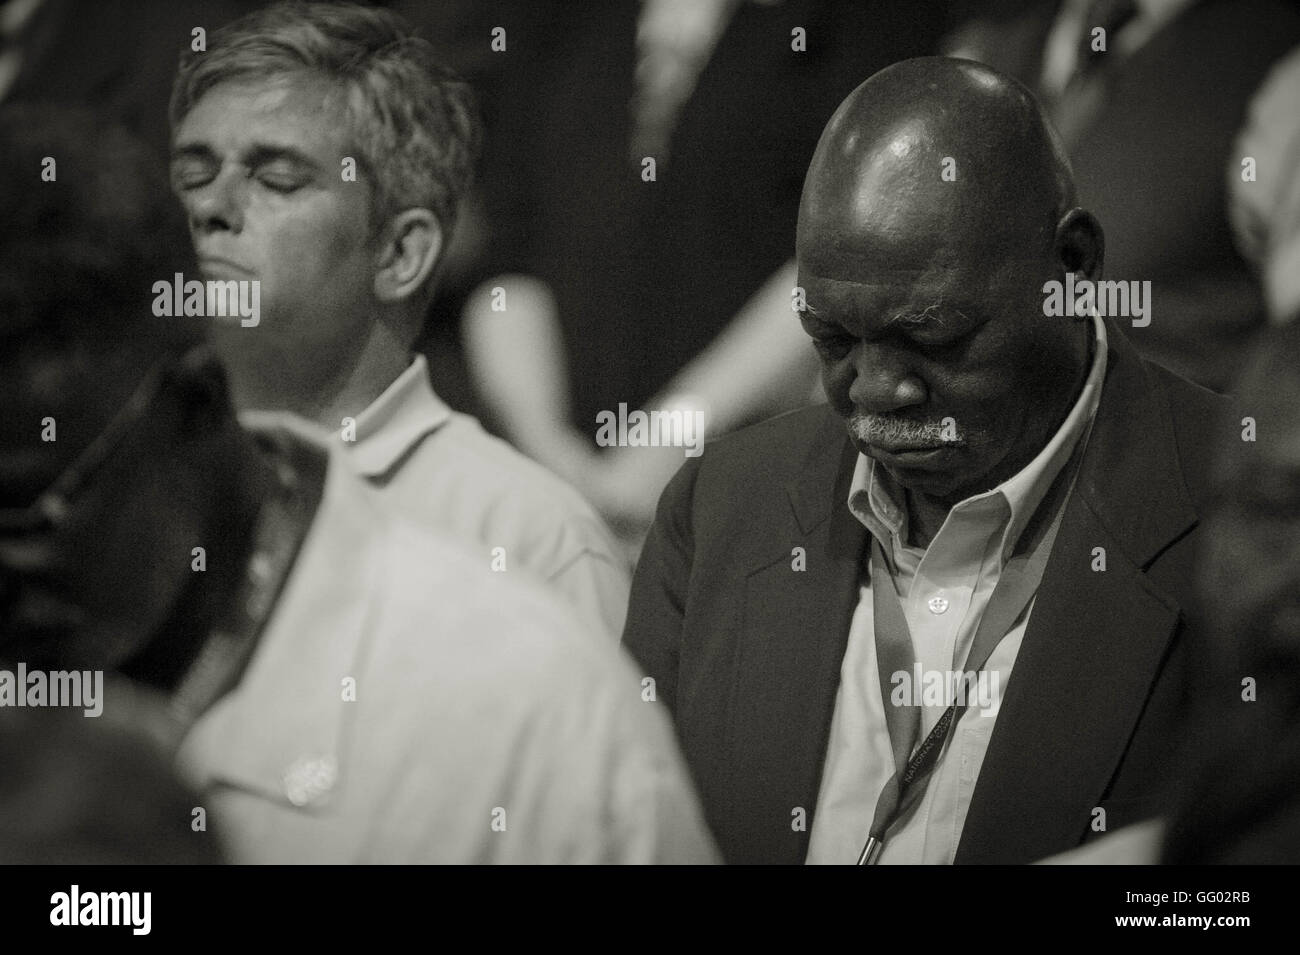 Un afroamericano / hombre negro y el hombre Blanco/caucásico se sientan lado a lado en la oración, en Imagen De Stock